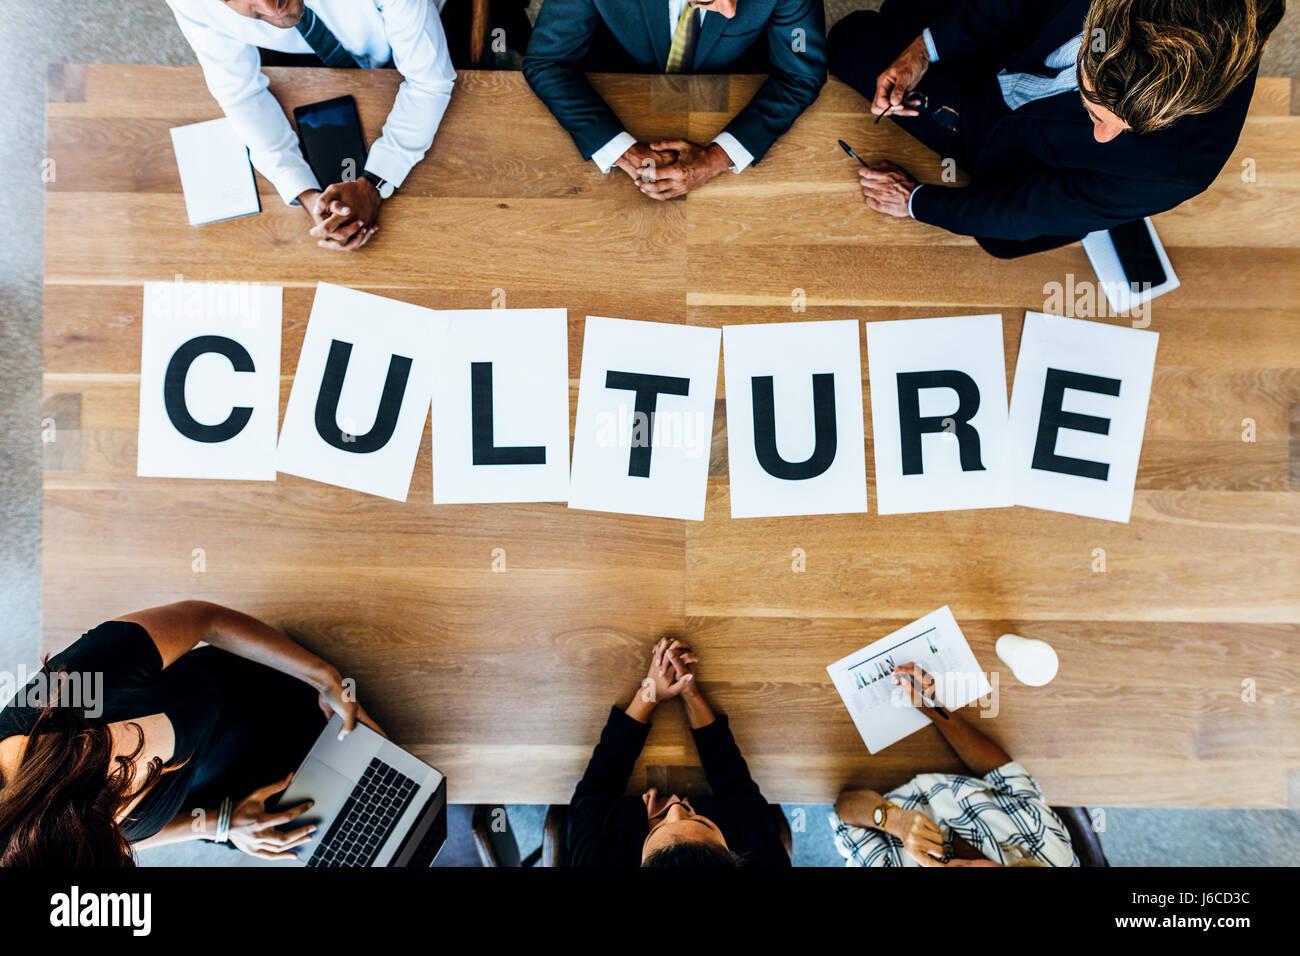 Gruppe von Geschäftsleuten mit Alphabete Zeichen bilden das Wort Kultur auf Tisch. Draufsicht der Geschäftsleute Stockbild